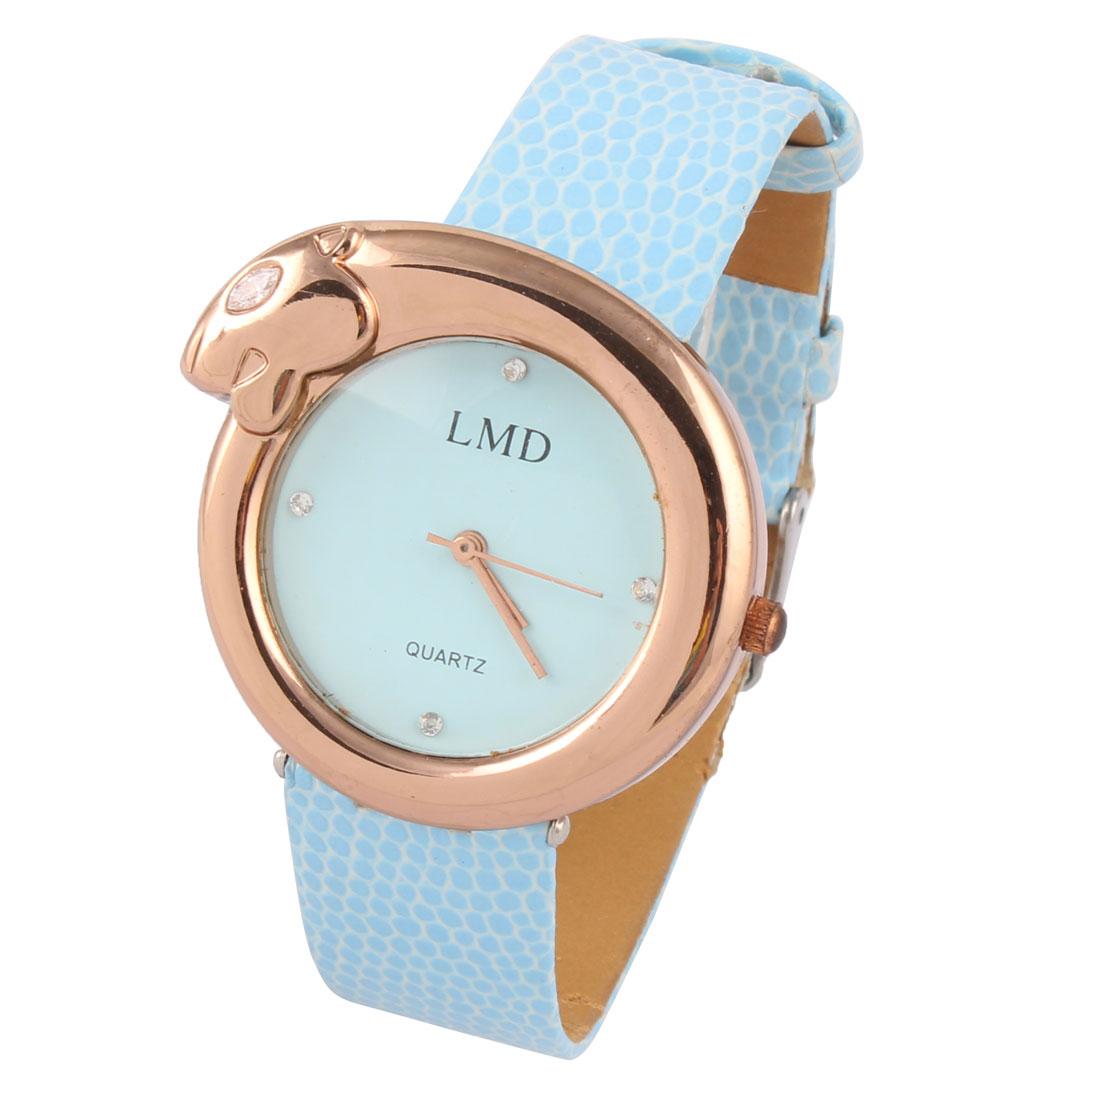 Fashion Jewelry Wonan Lovely Quartz Watch Wrist Watch